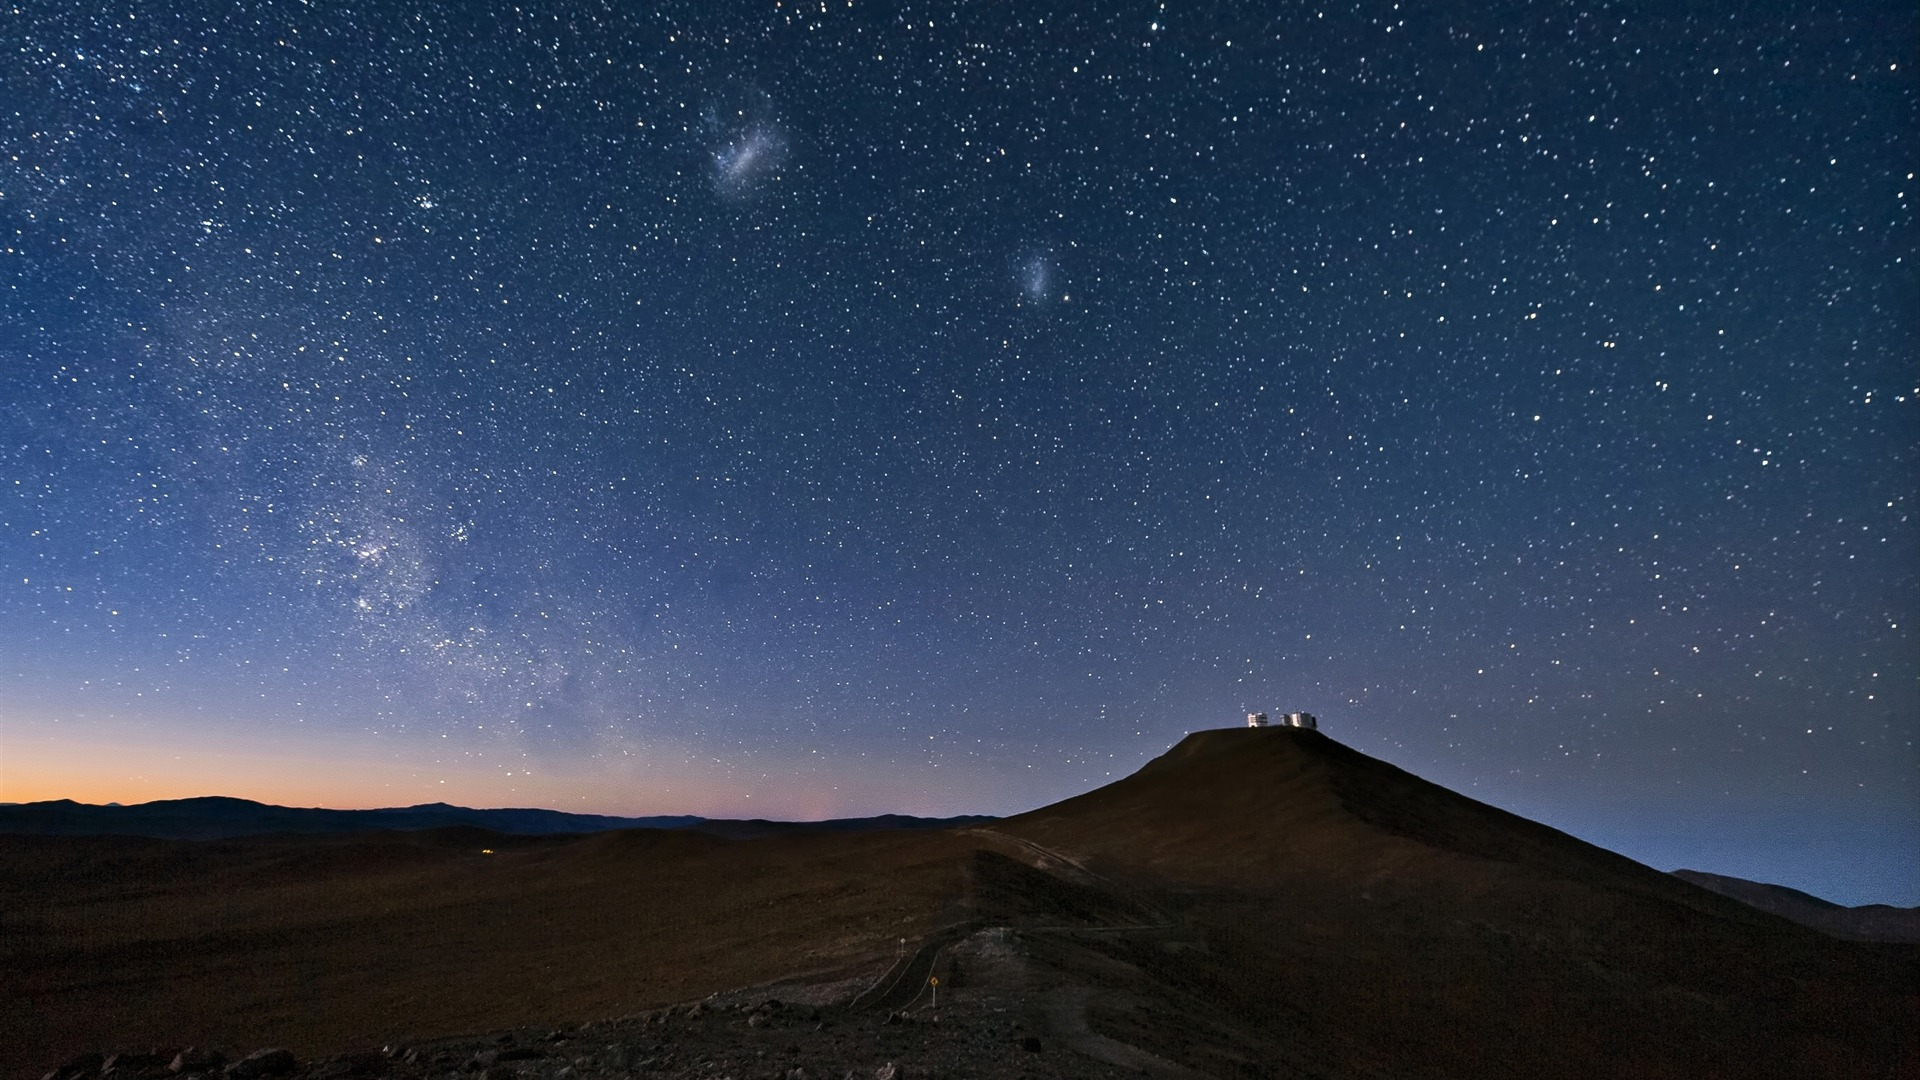 夜の砂漠の山 風景のhd壁紙プレビュー 10wallpaper Com